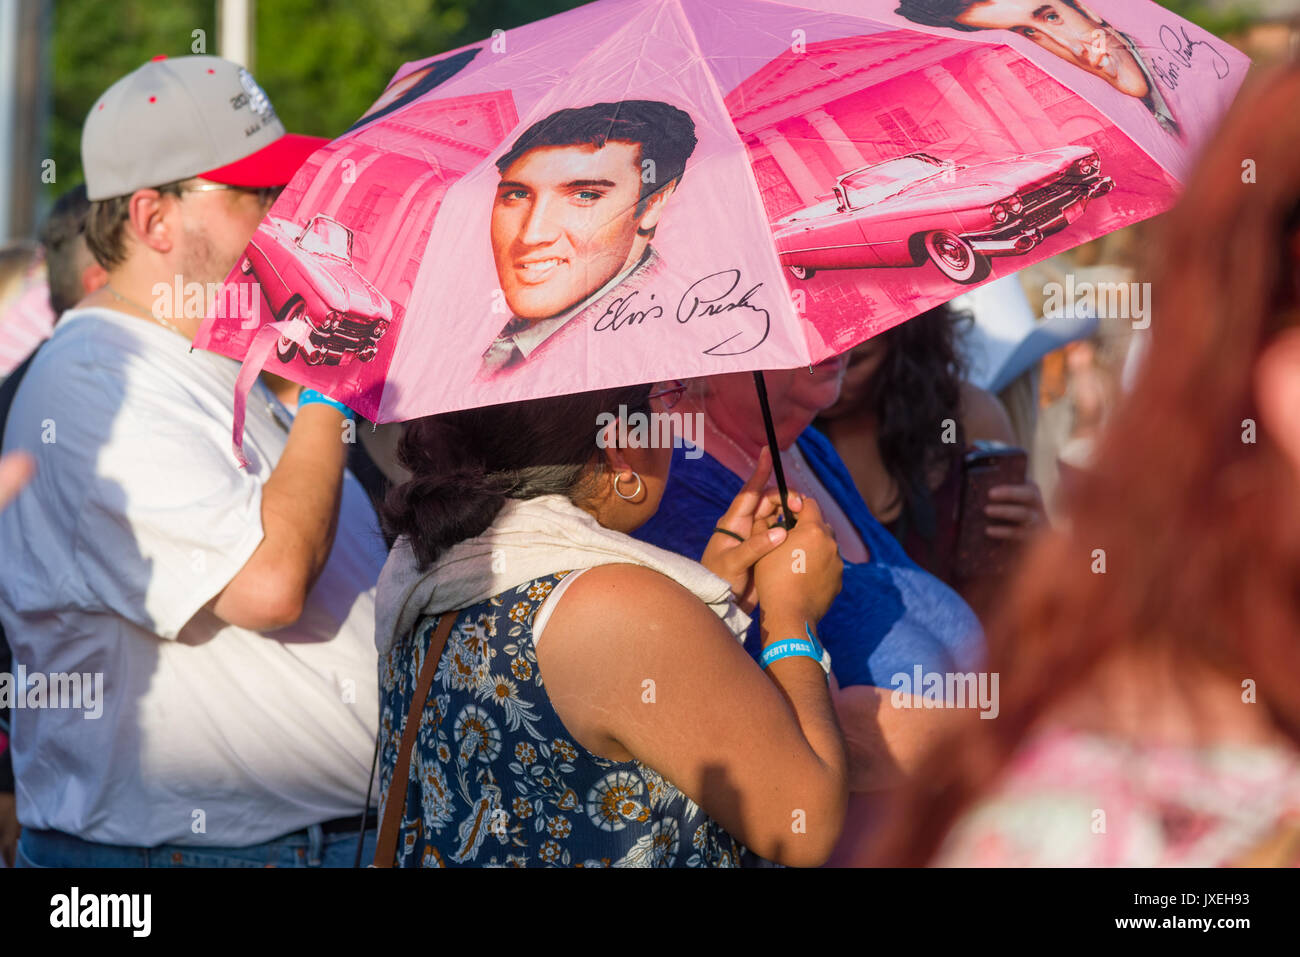 Memphis, Tennessee, EUA, 15 de Agosto de 2017. Elvis Semana. Vigília à luz das velas. As pessoas pagam tributo a Elvis Presley na sua casa, Graceland Memphis. A vigília à luz das velas é no quadragésimo ano. Elvis morreu em 16 de Agosto de 1977. Crédito: Gary Culley/Alamy Notícias ao vivo Imagens de Stock